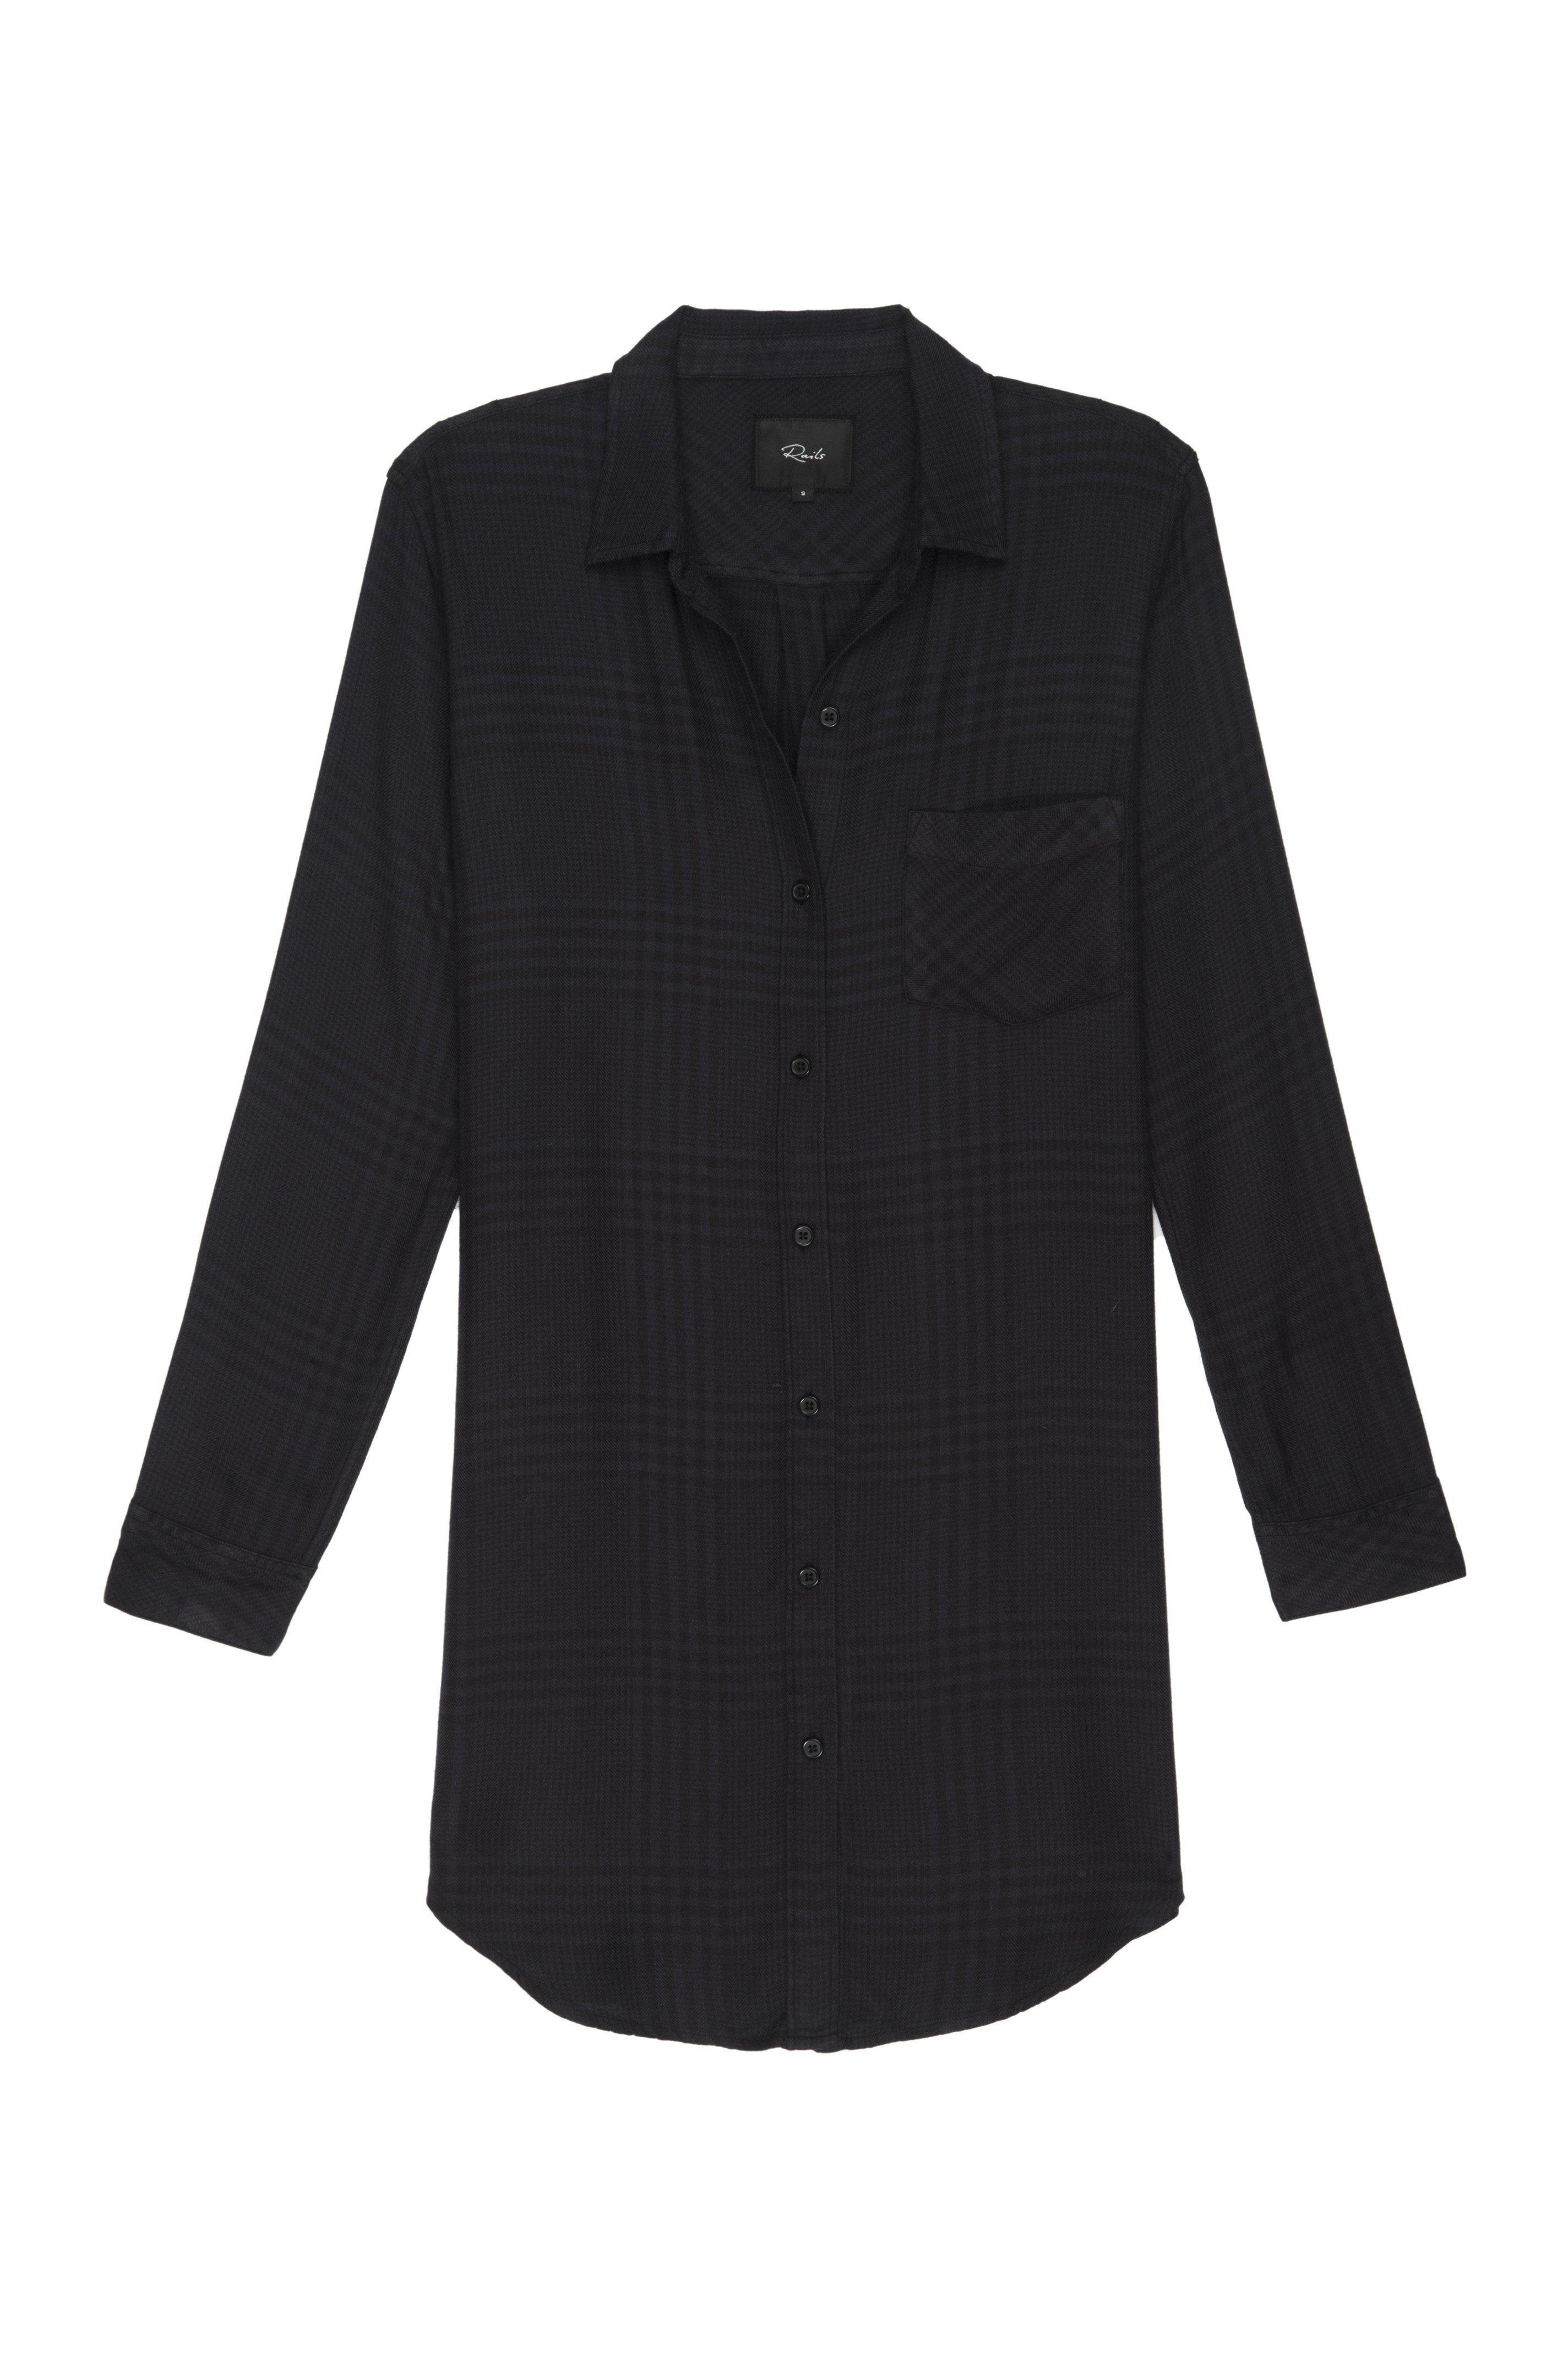 Bianca Charcoal Shadow Button Down Shirt Dress Shirt Dress Fashion [ 4288 x 2848 Pixel ]